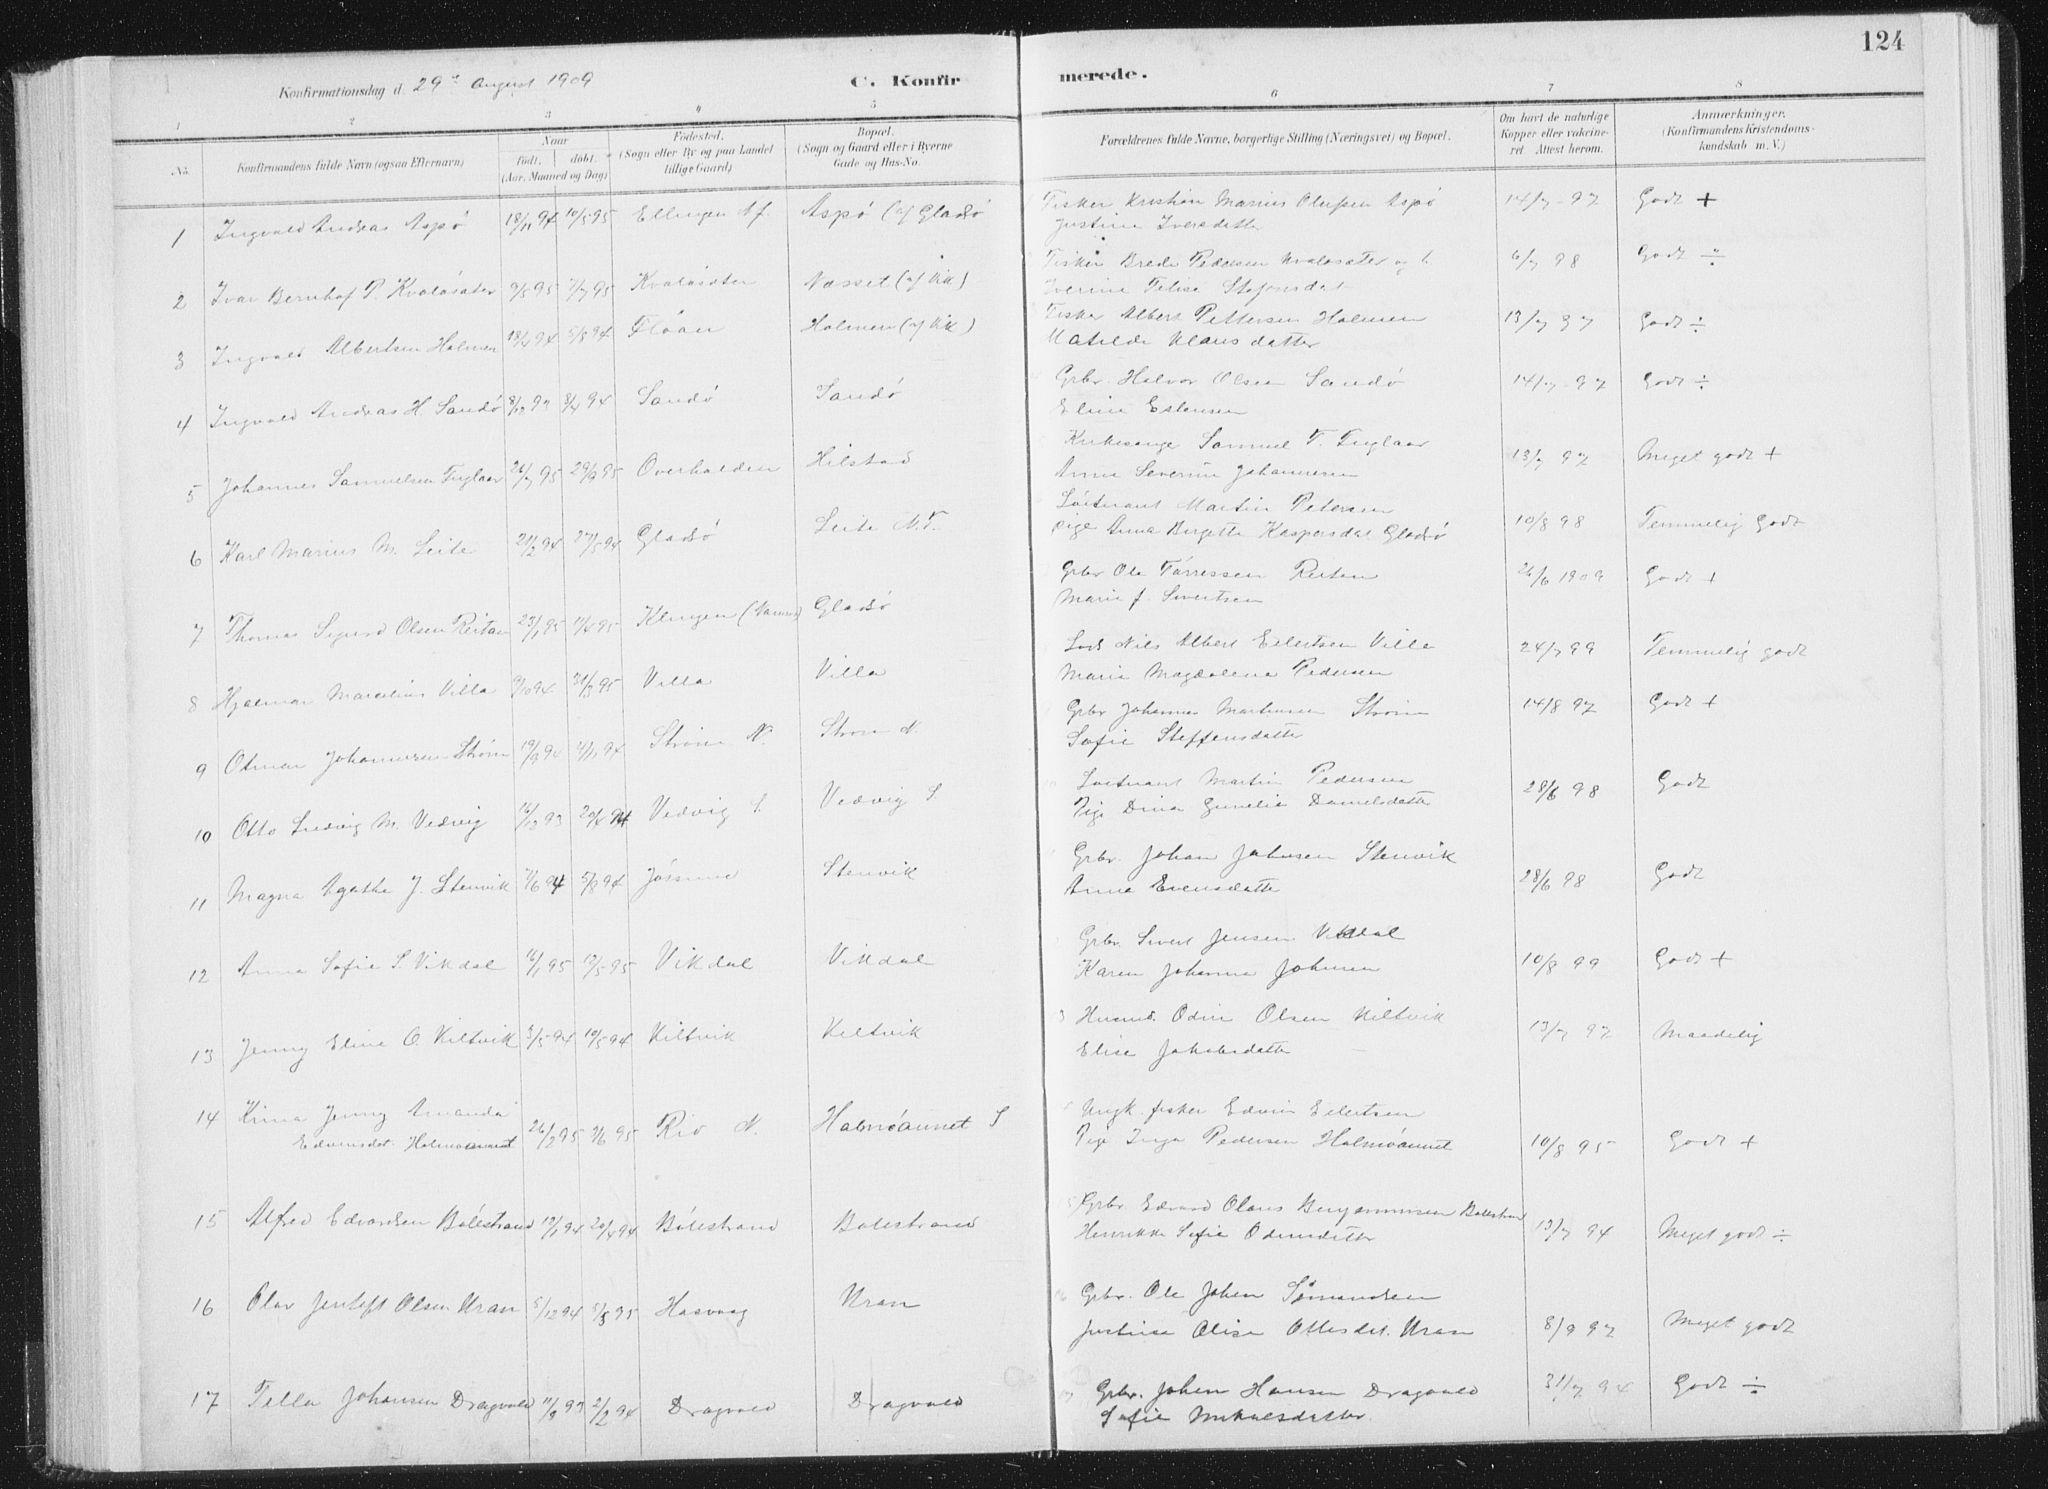 SAT, Ministerialprotokoller, klokkerbøker og fødselsregistre - Nord-Trøndelag, 771/L0597: Ministerialbok nr. 771A04, 1885-1910, s. 124